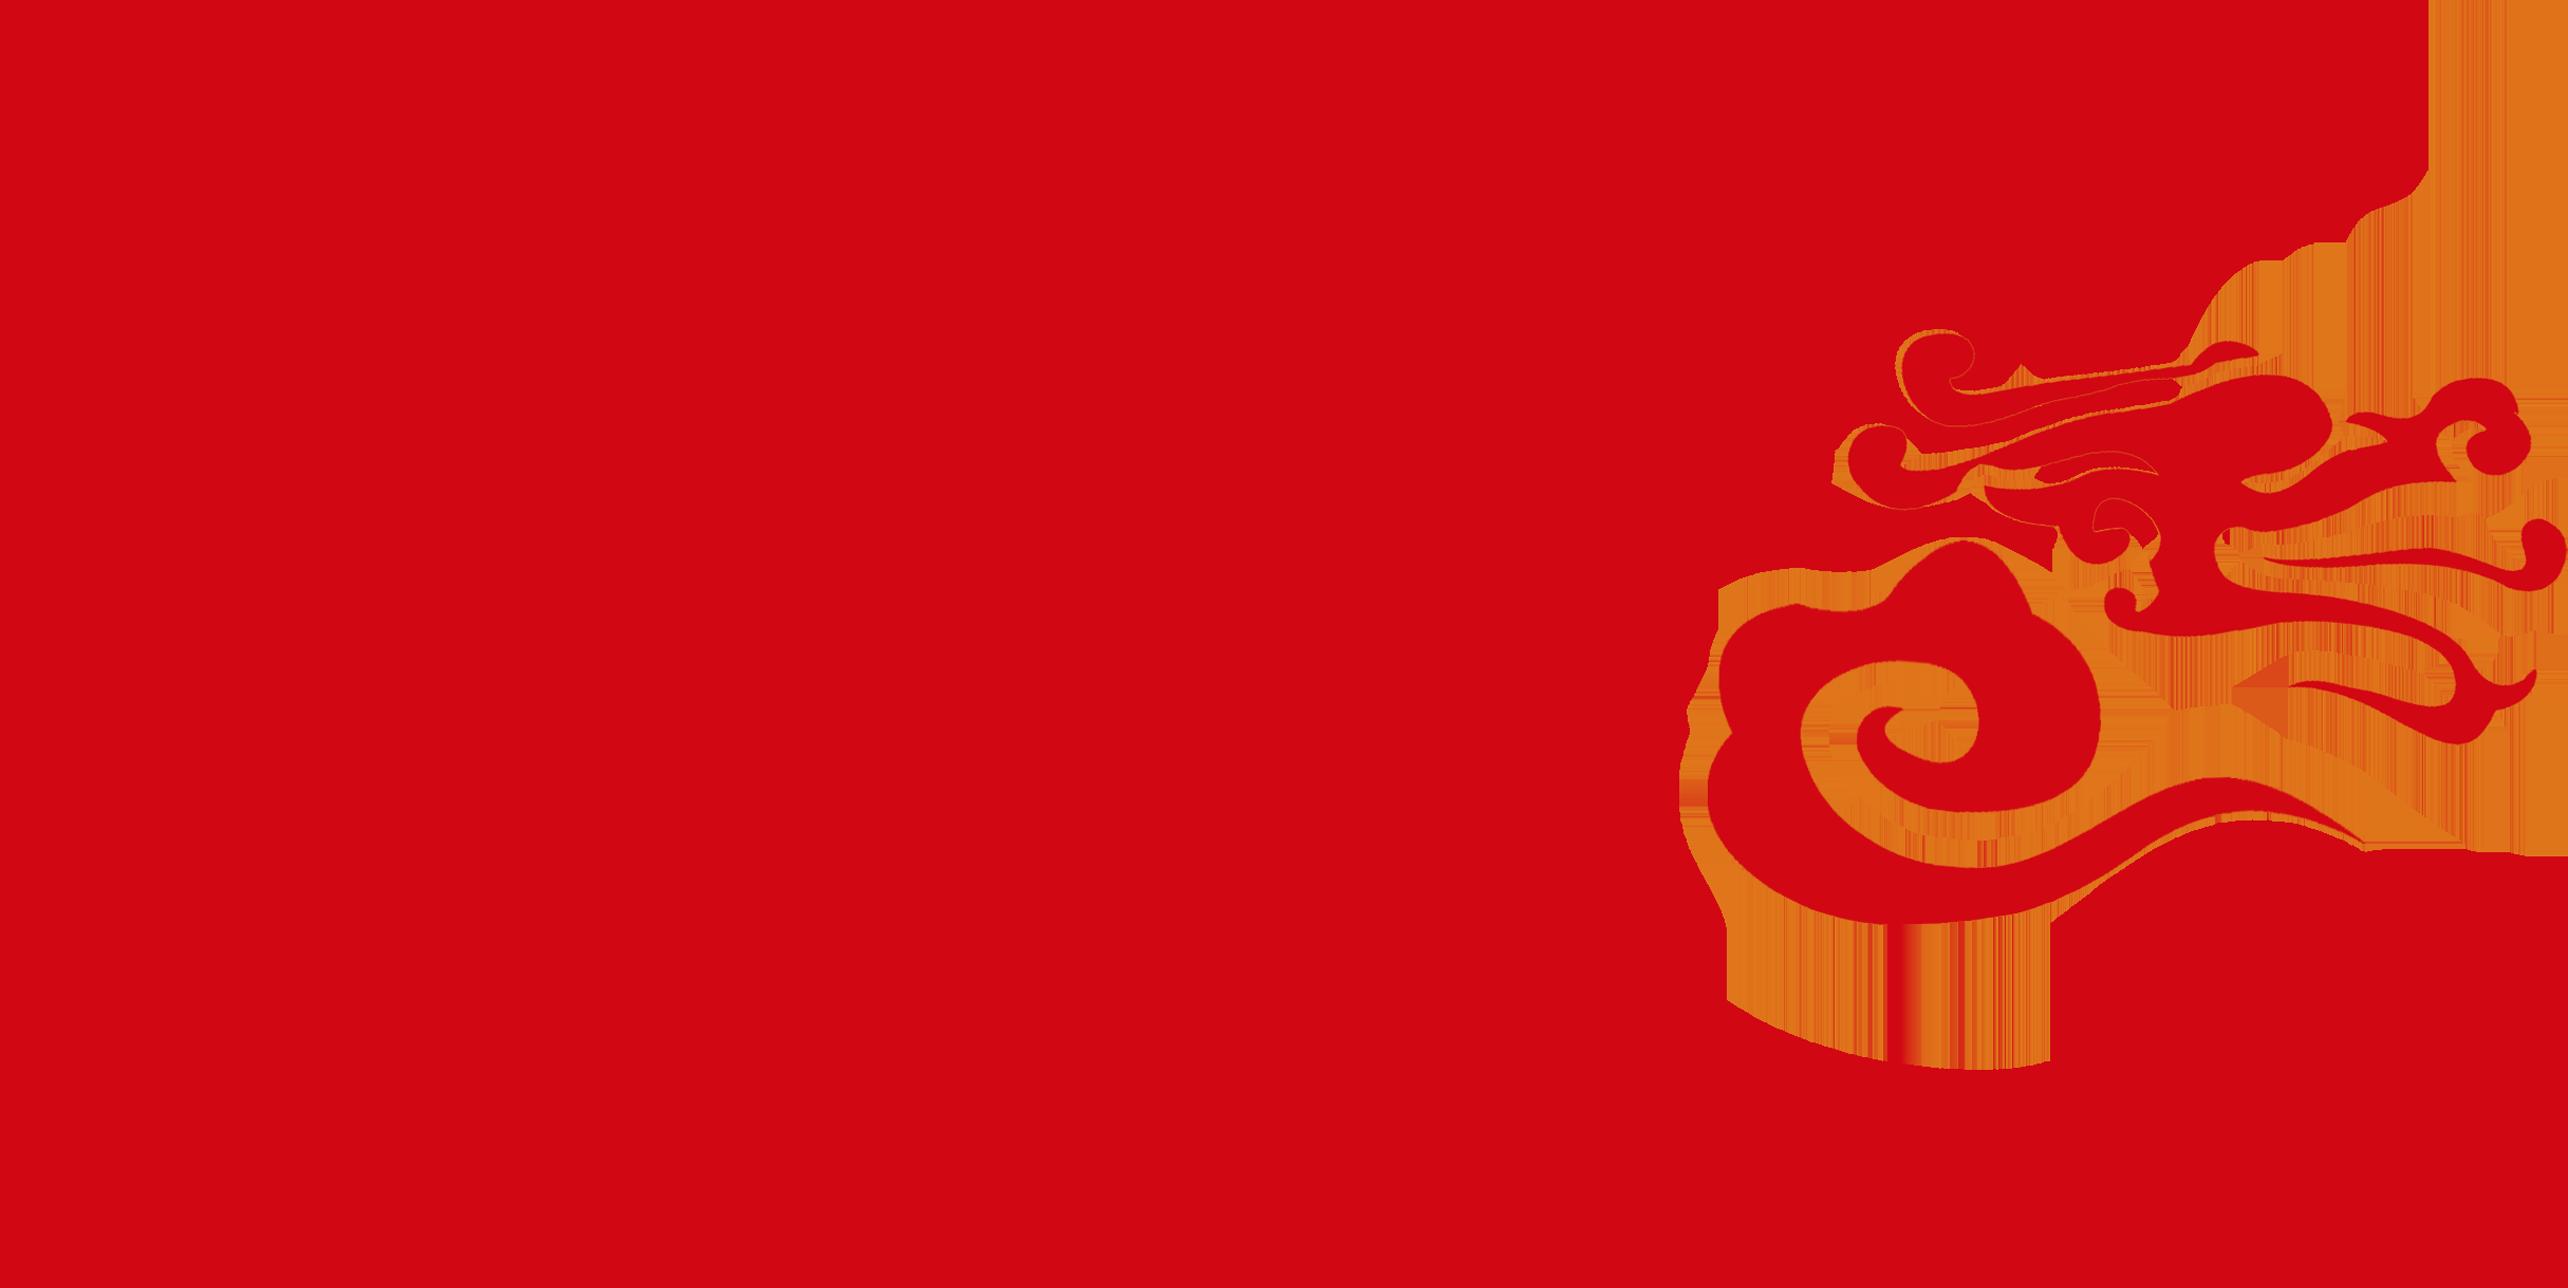 中国移动文成分公司移动营业厅招聘